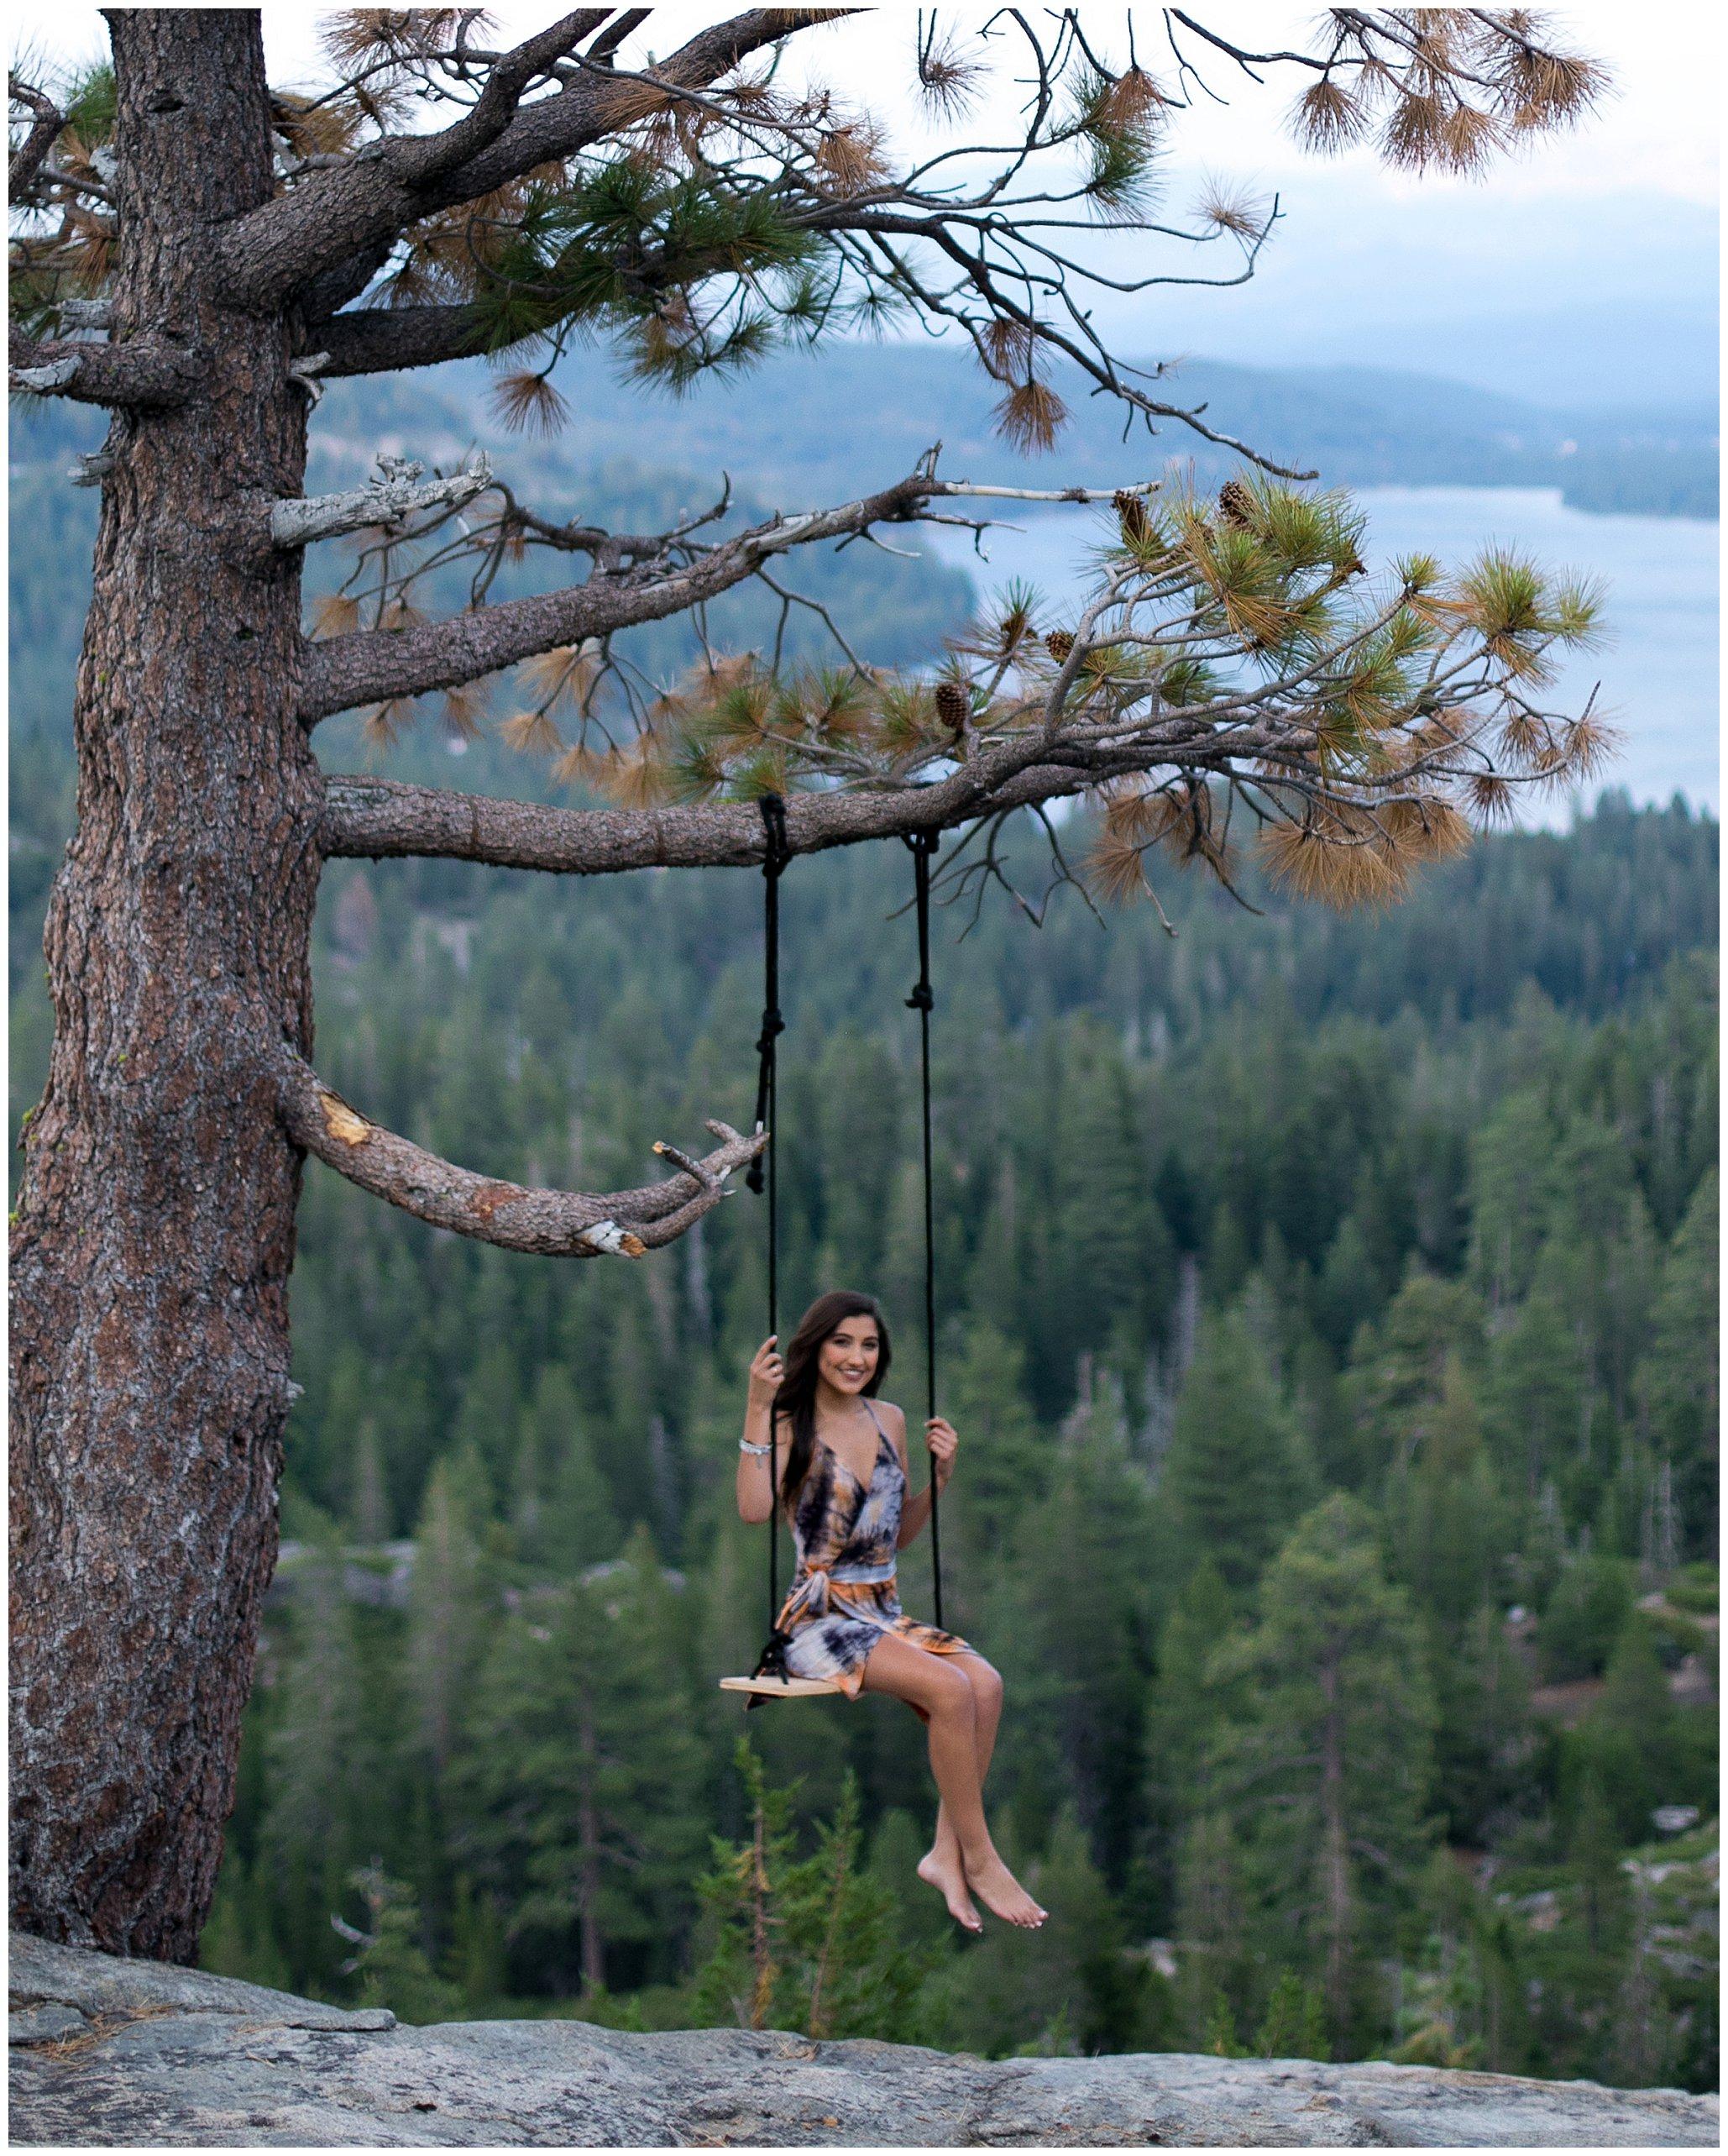 Tahoe Donner Senior Portrait Photographer_0242.jpg